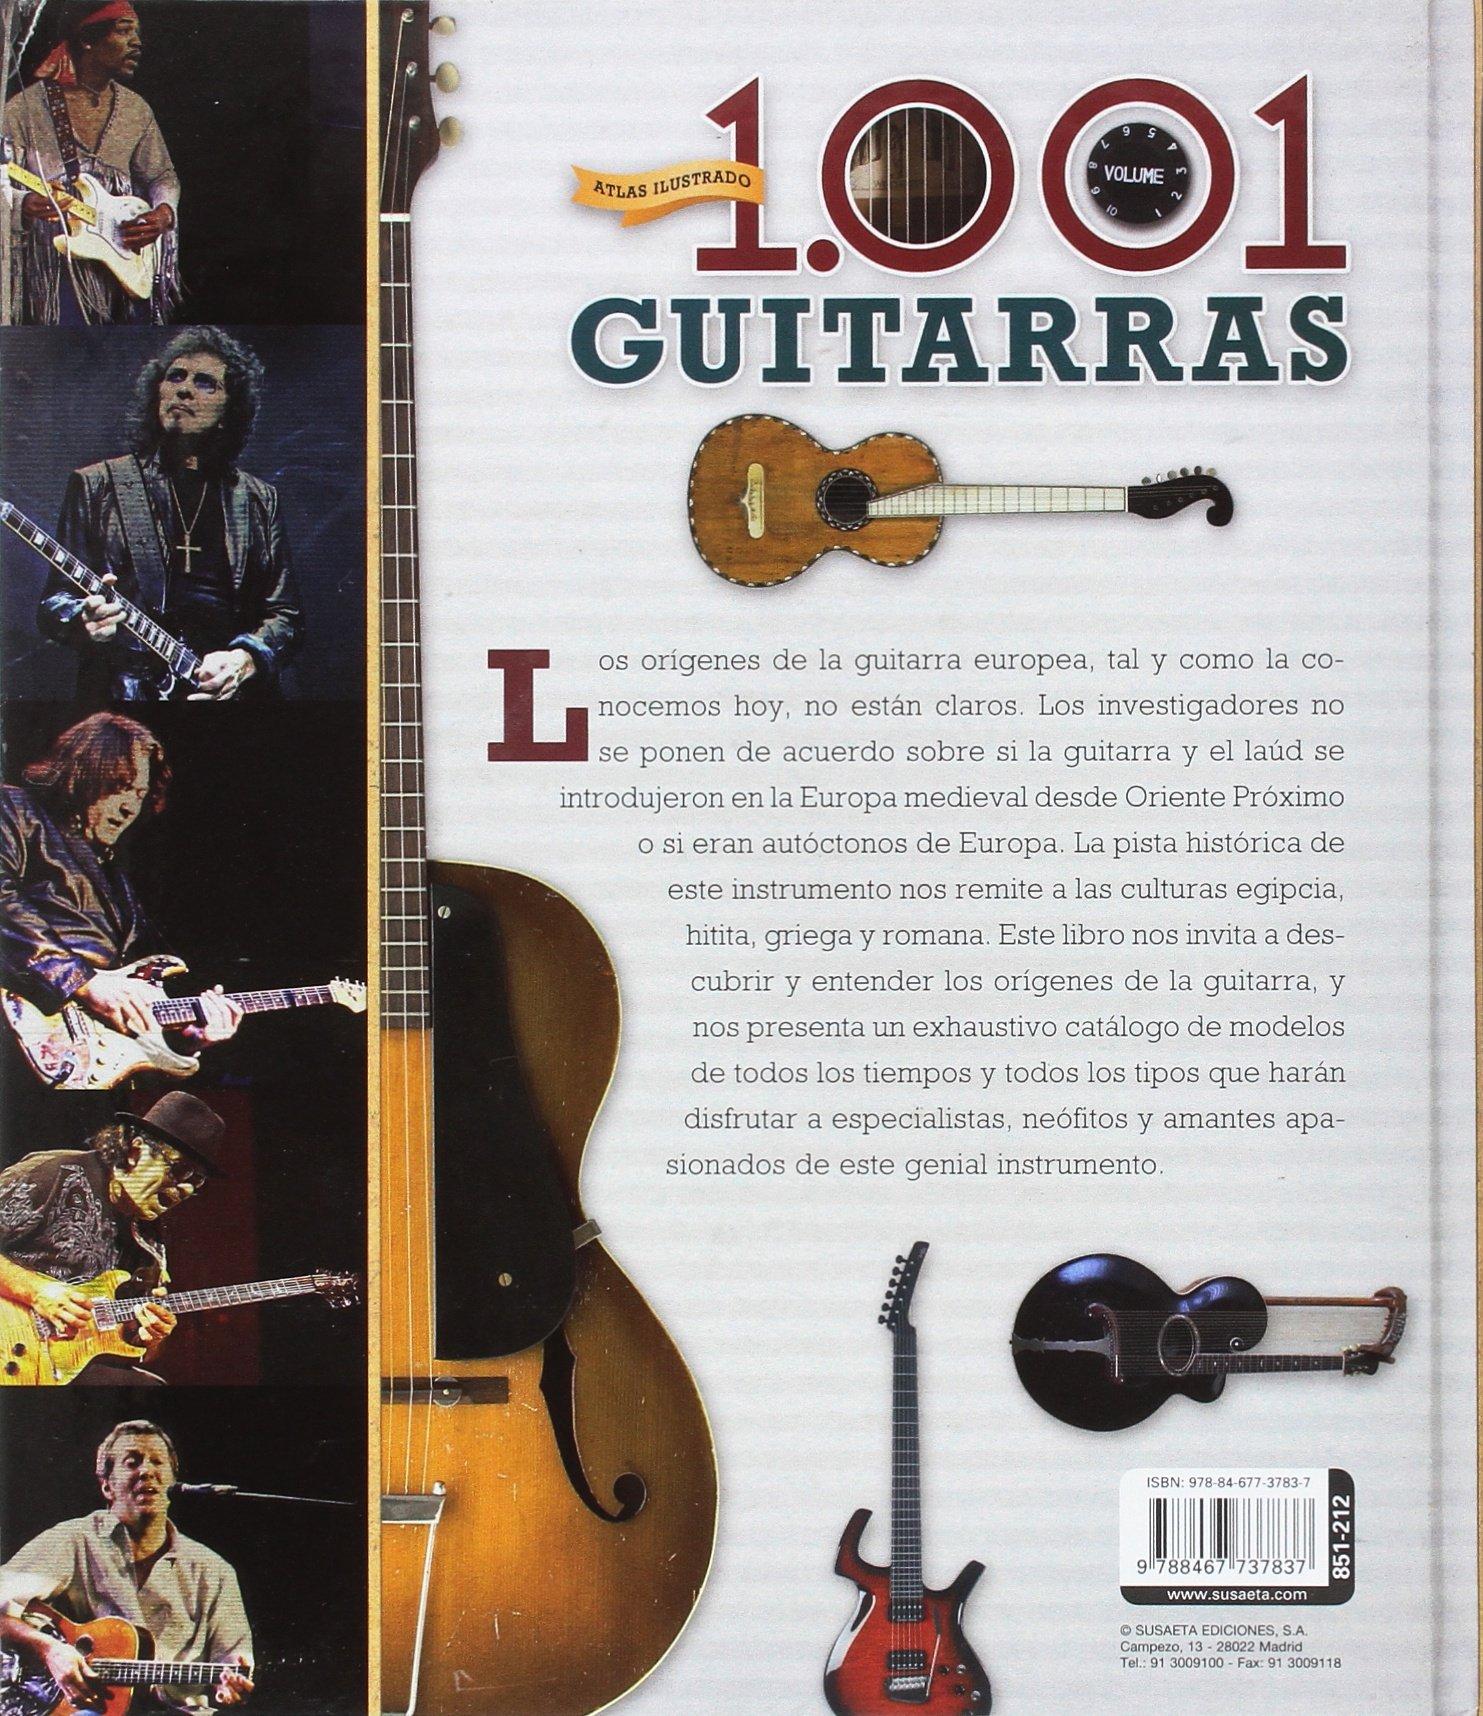 1.001 guitarras (Atlas Ilustrado): Amazon.es: Trujillo, Eduardo: Libros